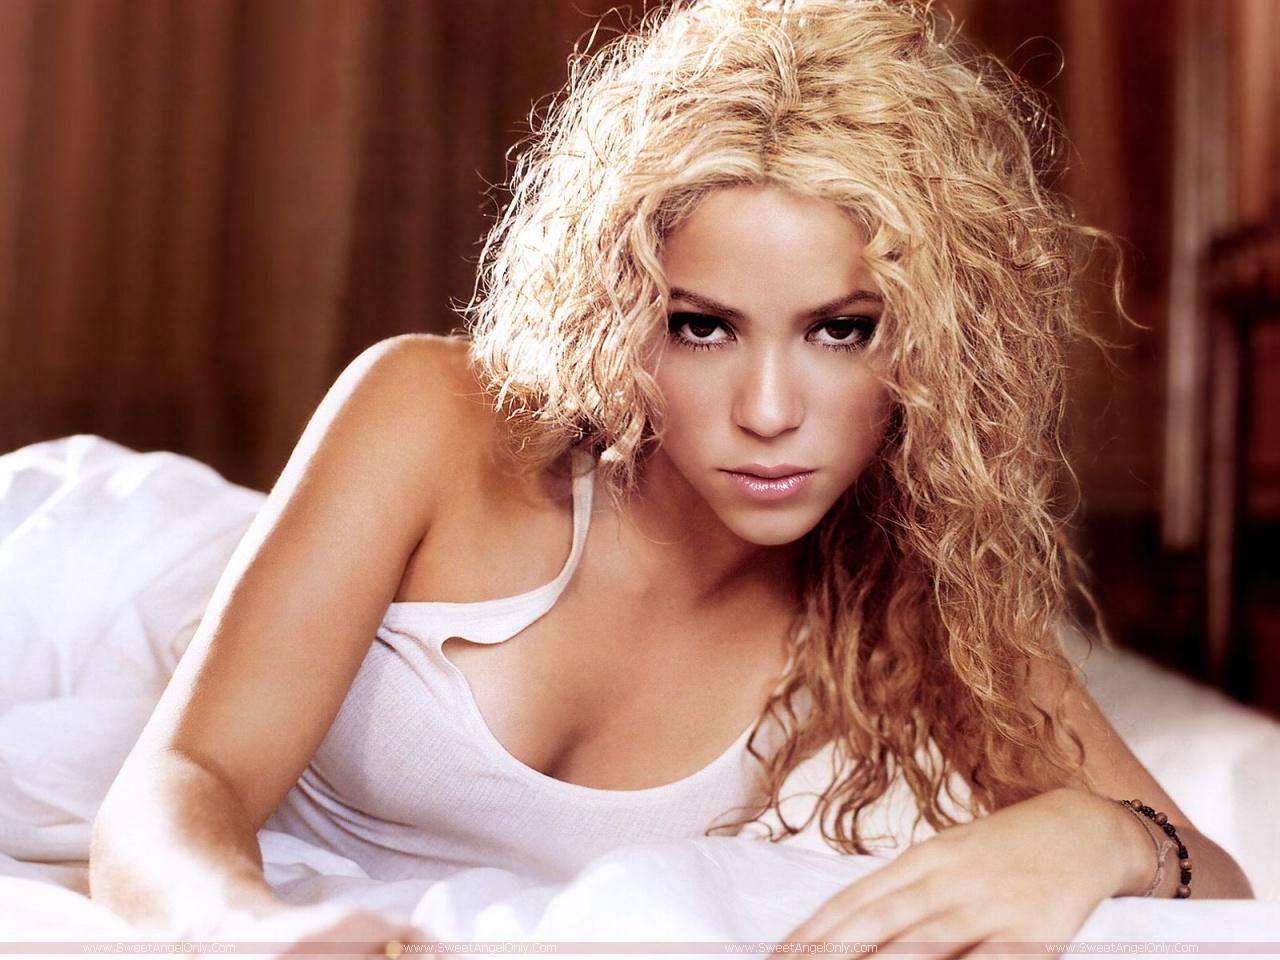 http://3.bp.blogspot.com/-QEm11g2Qb-g/TmDkWRT_hQI/AAAAAAAAKJY/pK6neWNwkSk/s1600/Shakira_latest_wallpaper.jpg